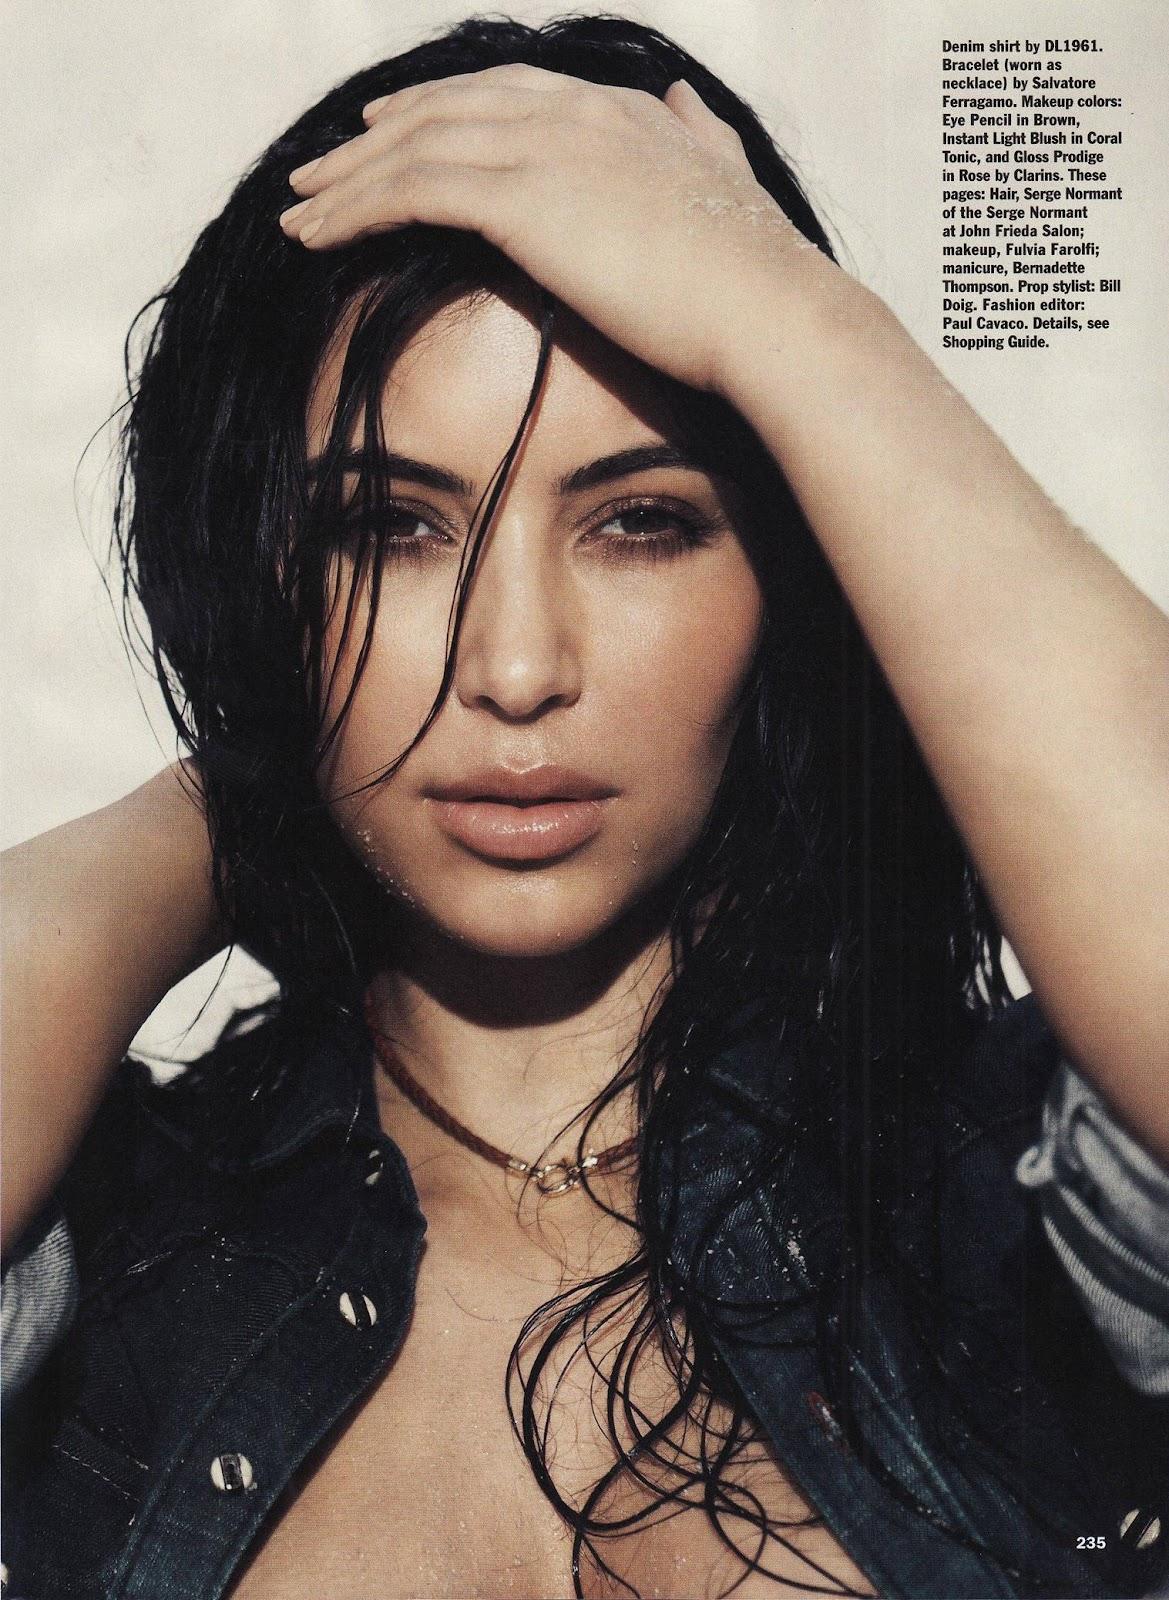 http://3.bp.blogspot.com/-TQdzi8e0v9k/T8o_vYoSkqI/AAAAAAAAA9s/AuC2rVzY3RM/s1600/Kim-Kardashian-Allure-Photo.jpg